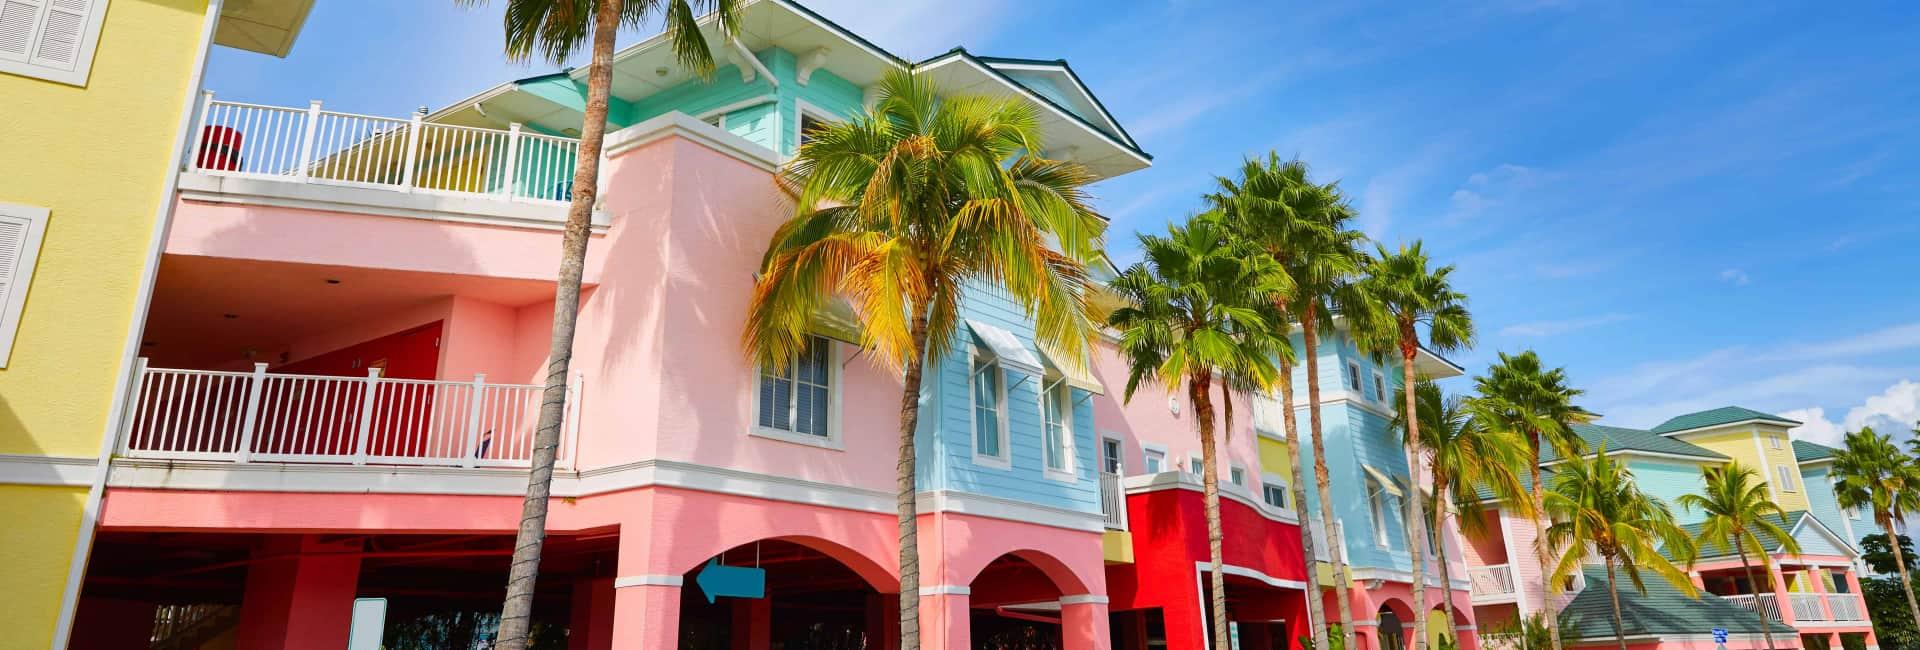 Farverige huse i Fort Myers, Florida